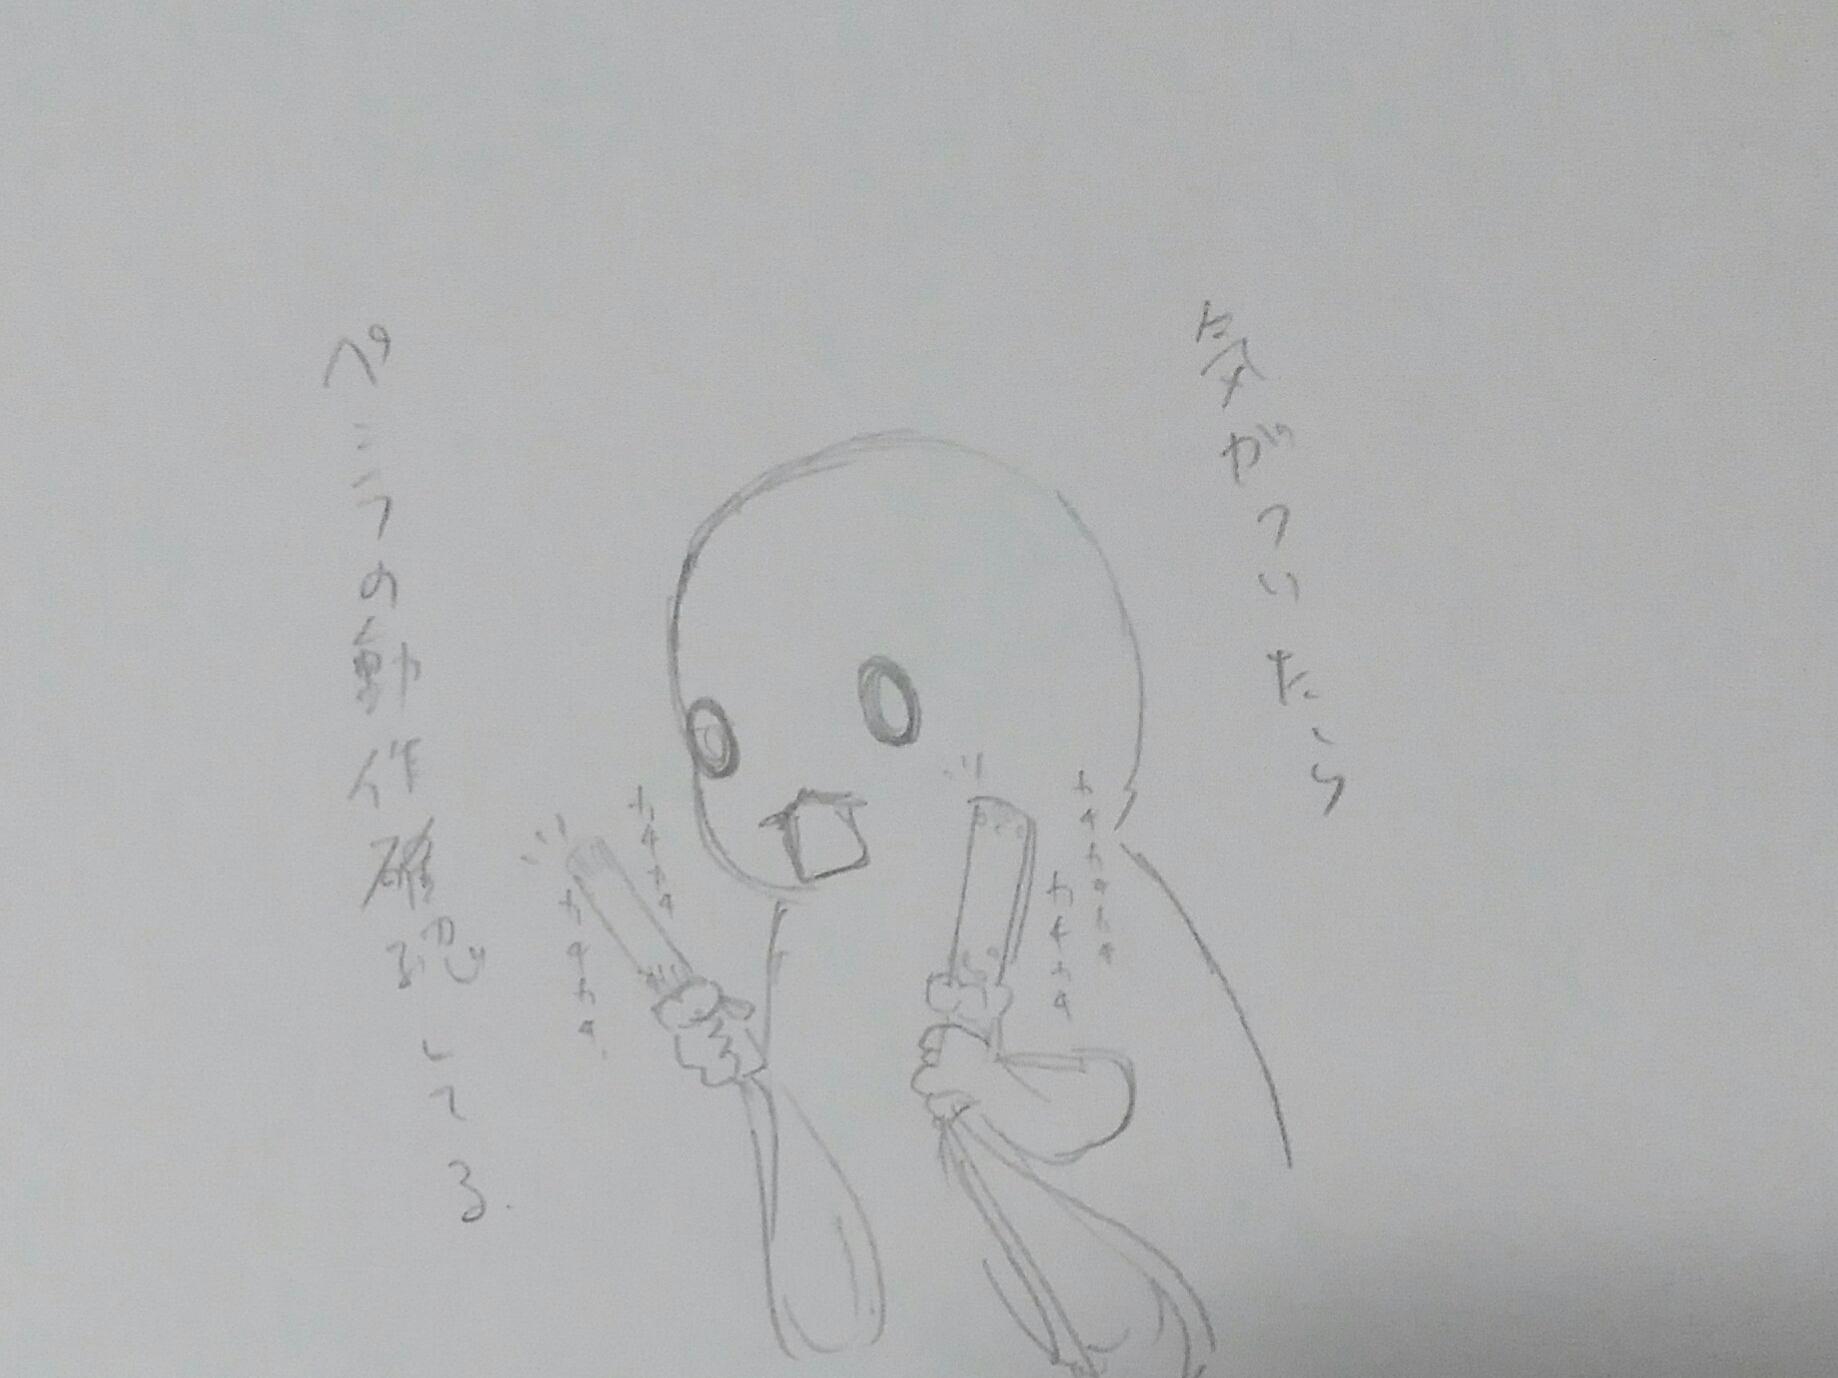 #4-2 雑談&妄想話(三百年と葵咲で現パロ)